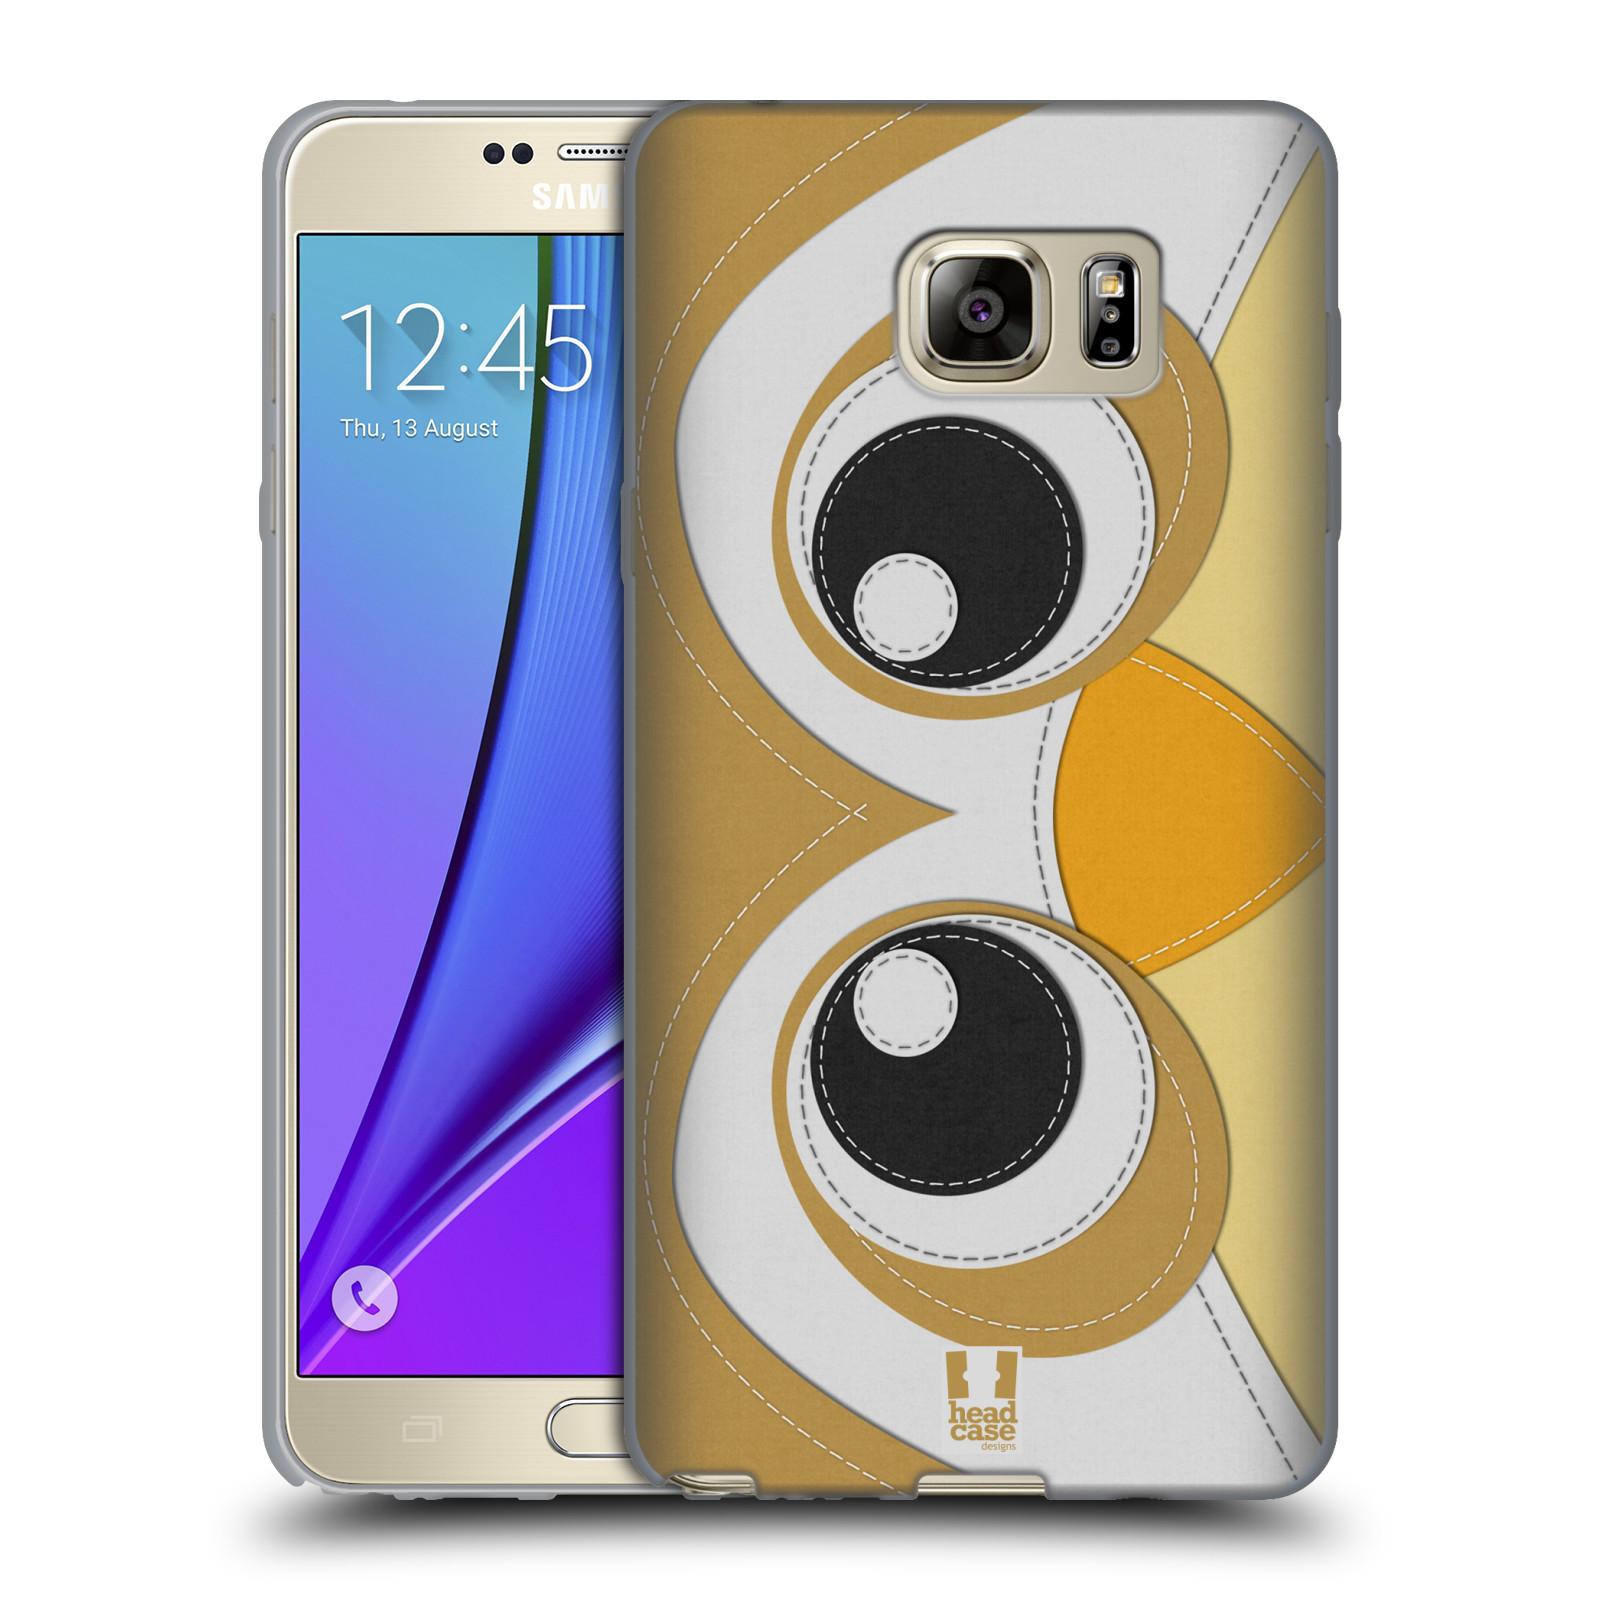 HEAD CASE silikonový obal na mobil Samsung Galaxy Note 5 (N920) vzor zvířecí nášivka sovička